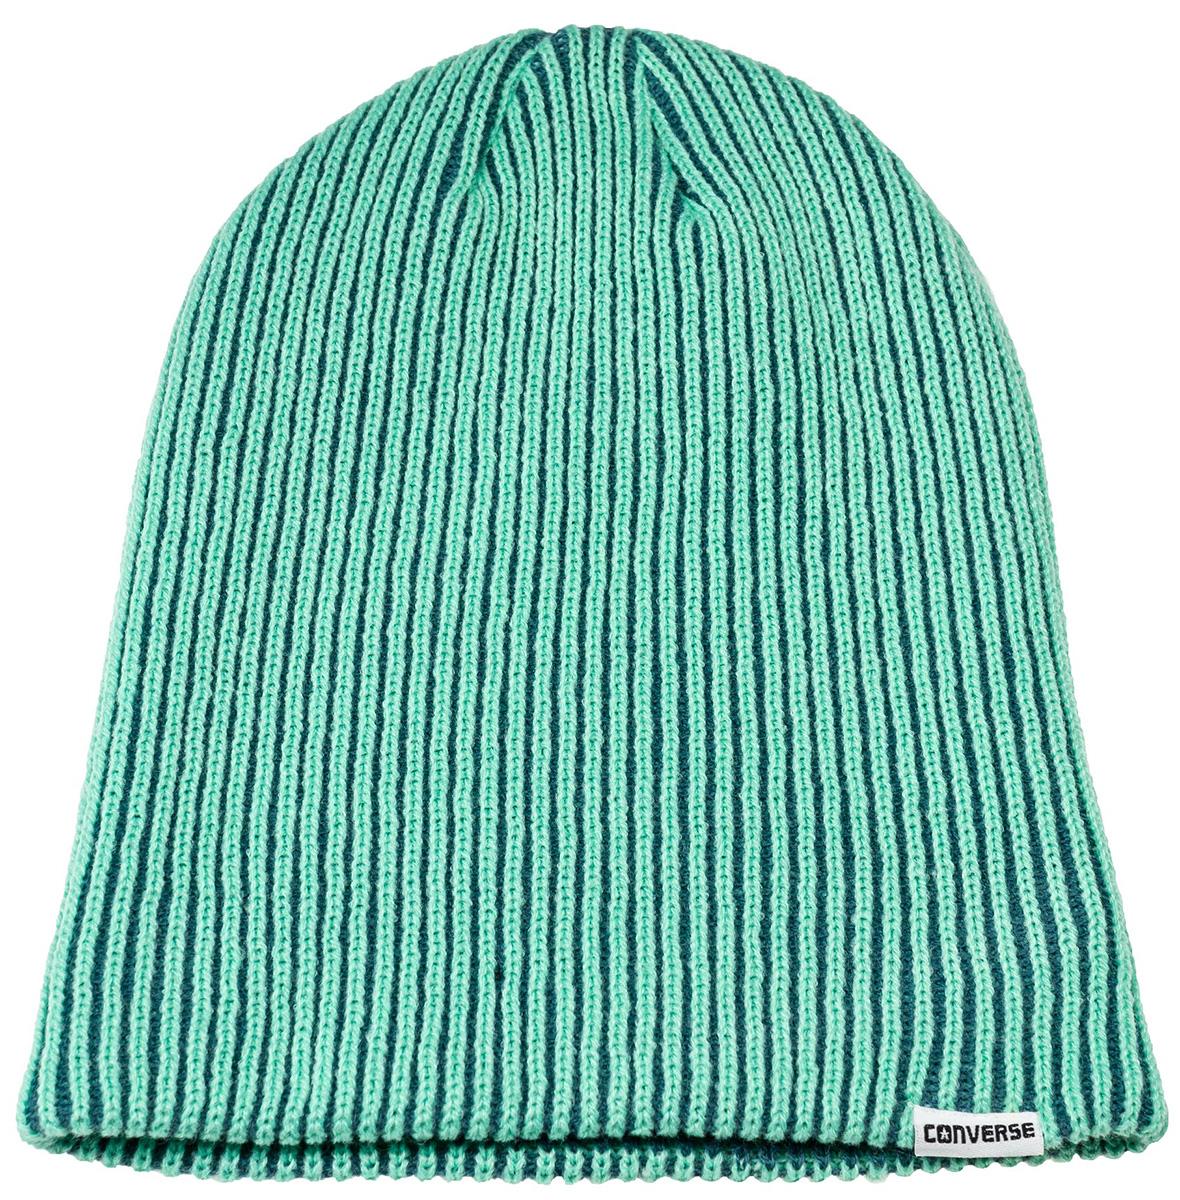 Шапка Converse Contrast Rib Knit, цвет: зеленый. 561851. Размер универсальный561851Шапка Converse изготовленная из 100% акрила мягкая, комфортная и теплая. Практичная форма шапки делает ее очень комфортной. Качественная пряжа не линяет и не растягивается. Шапка Converse прекрасно дополнит ваш наряд и не позволит вам замерзнуть в прохладное время года.